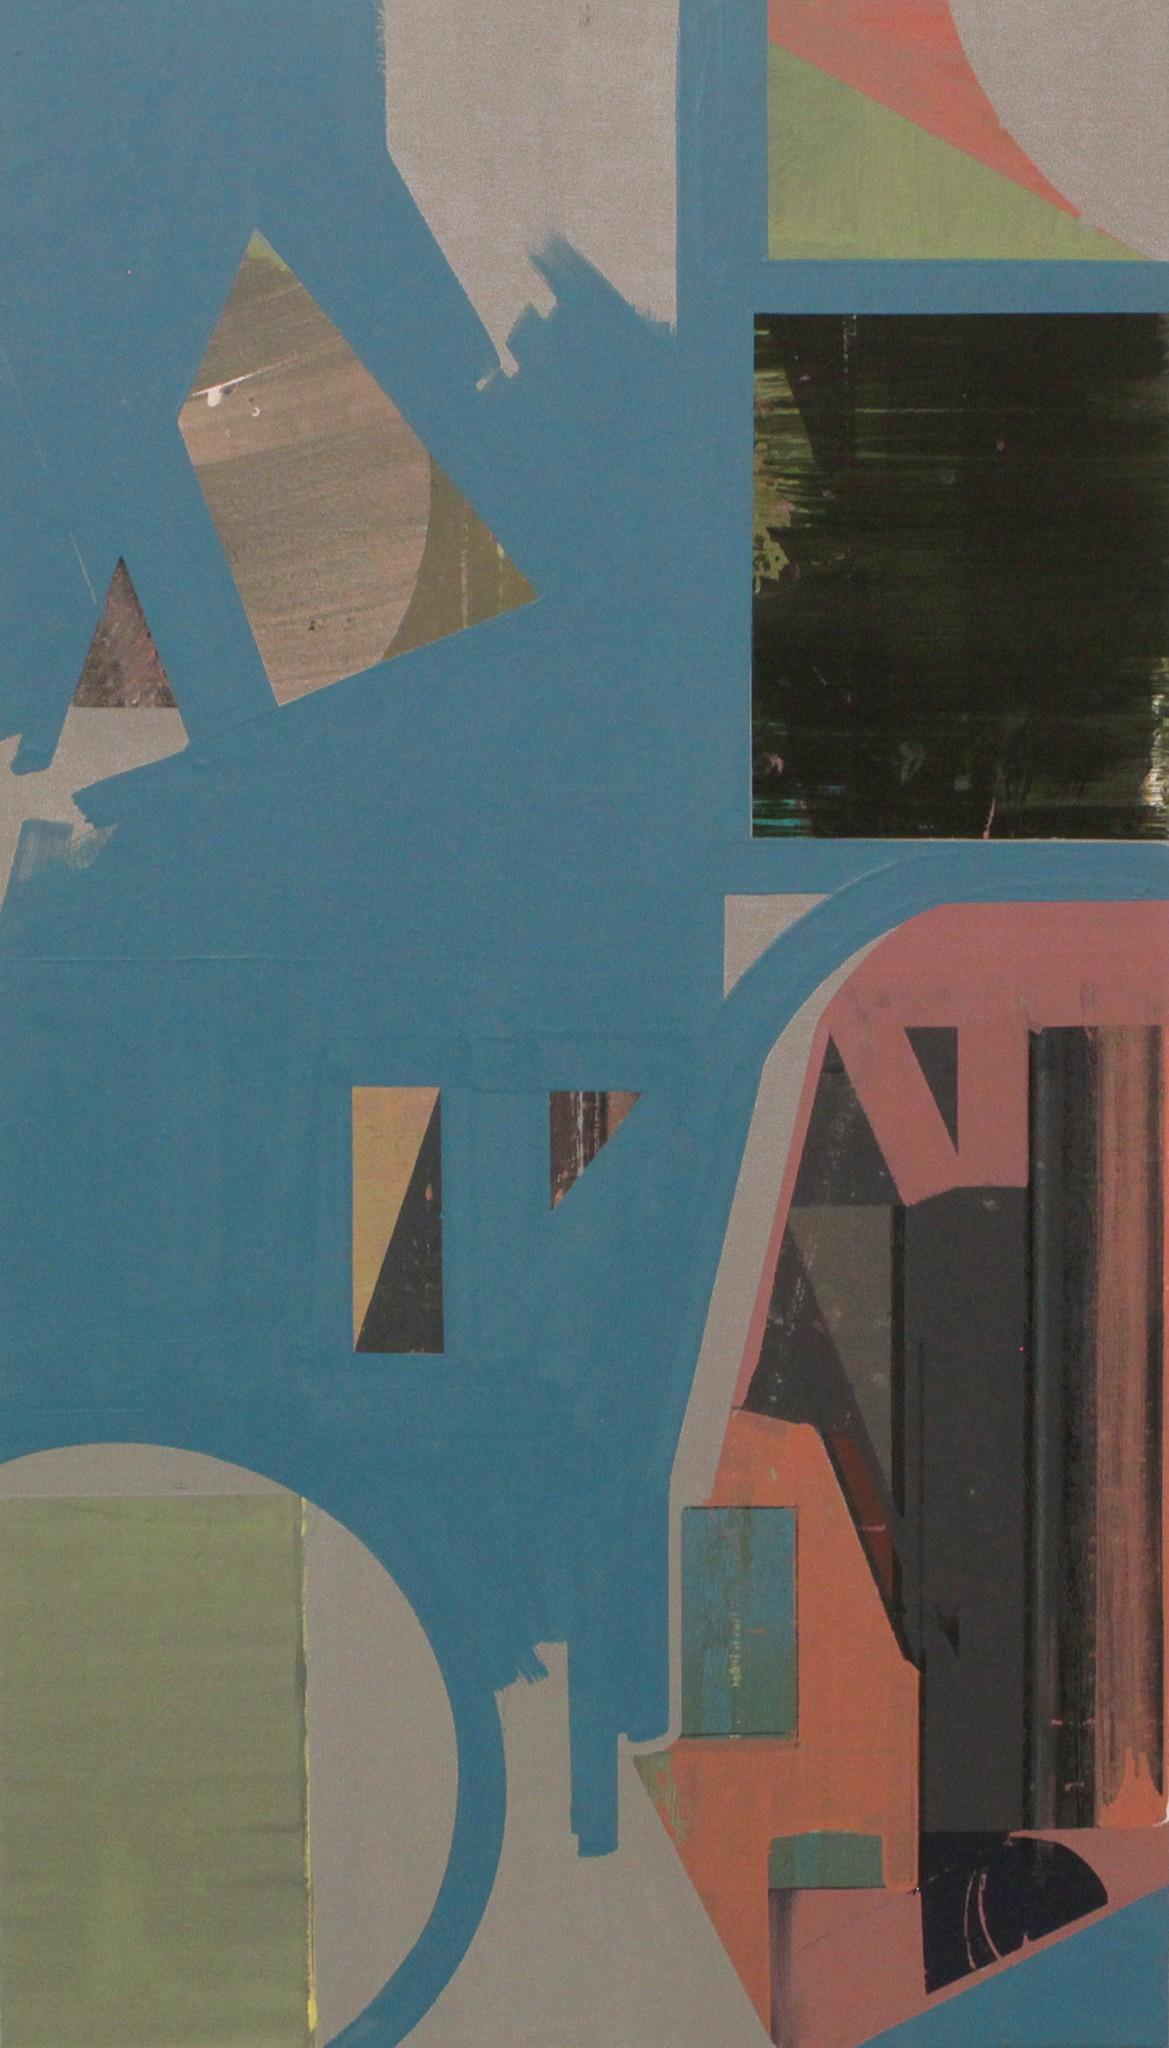 olja på duk, 88 x 50 cm, 2019